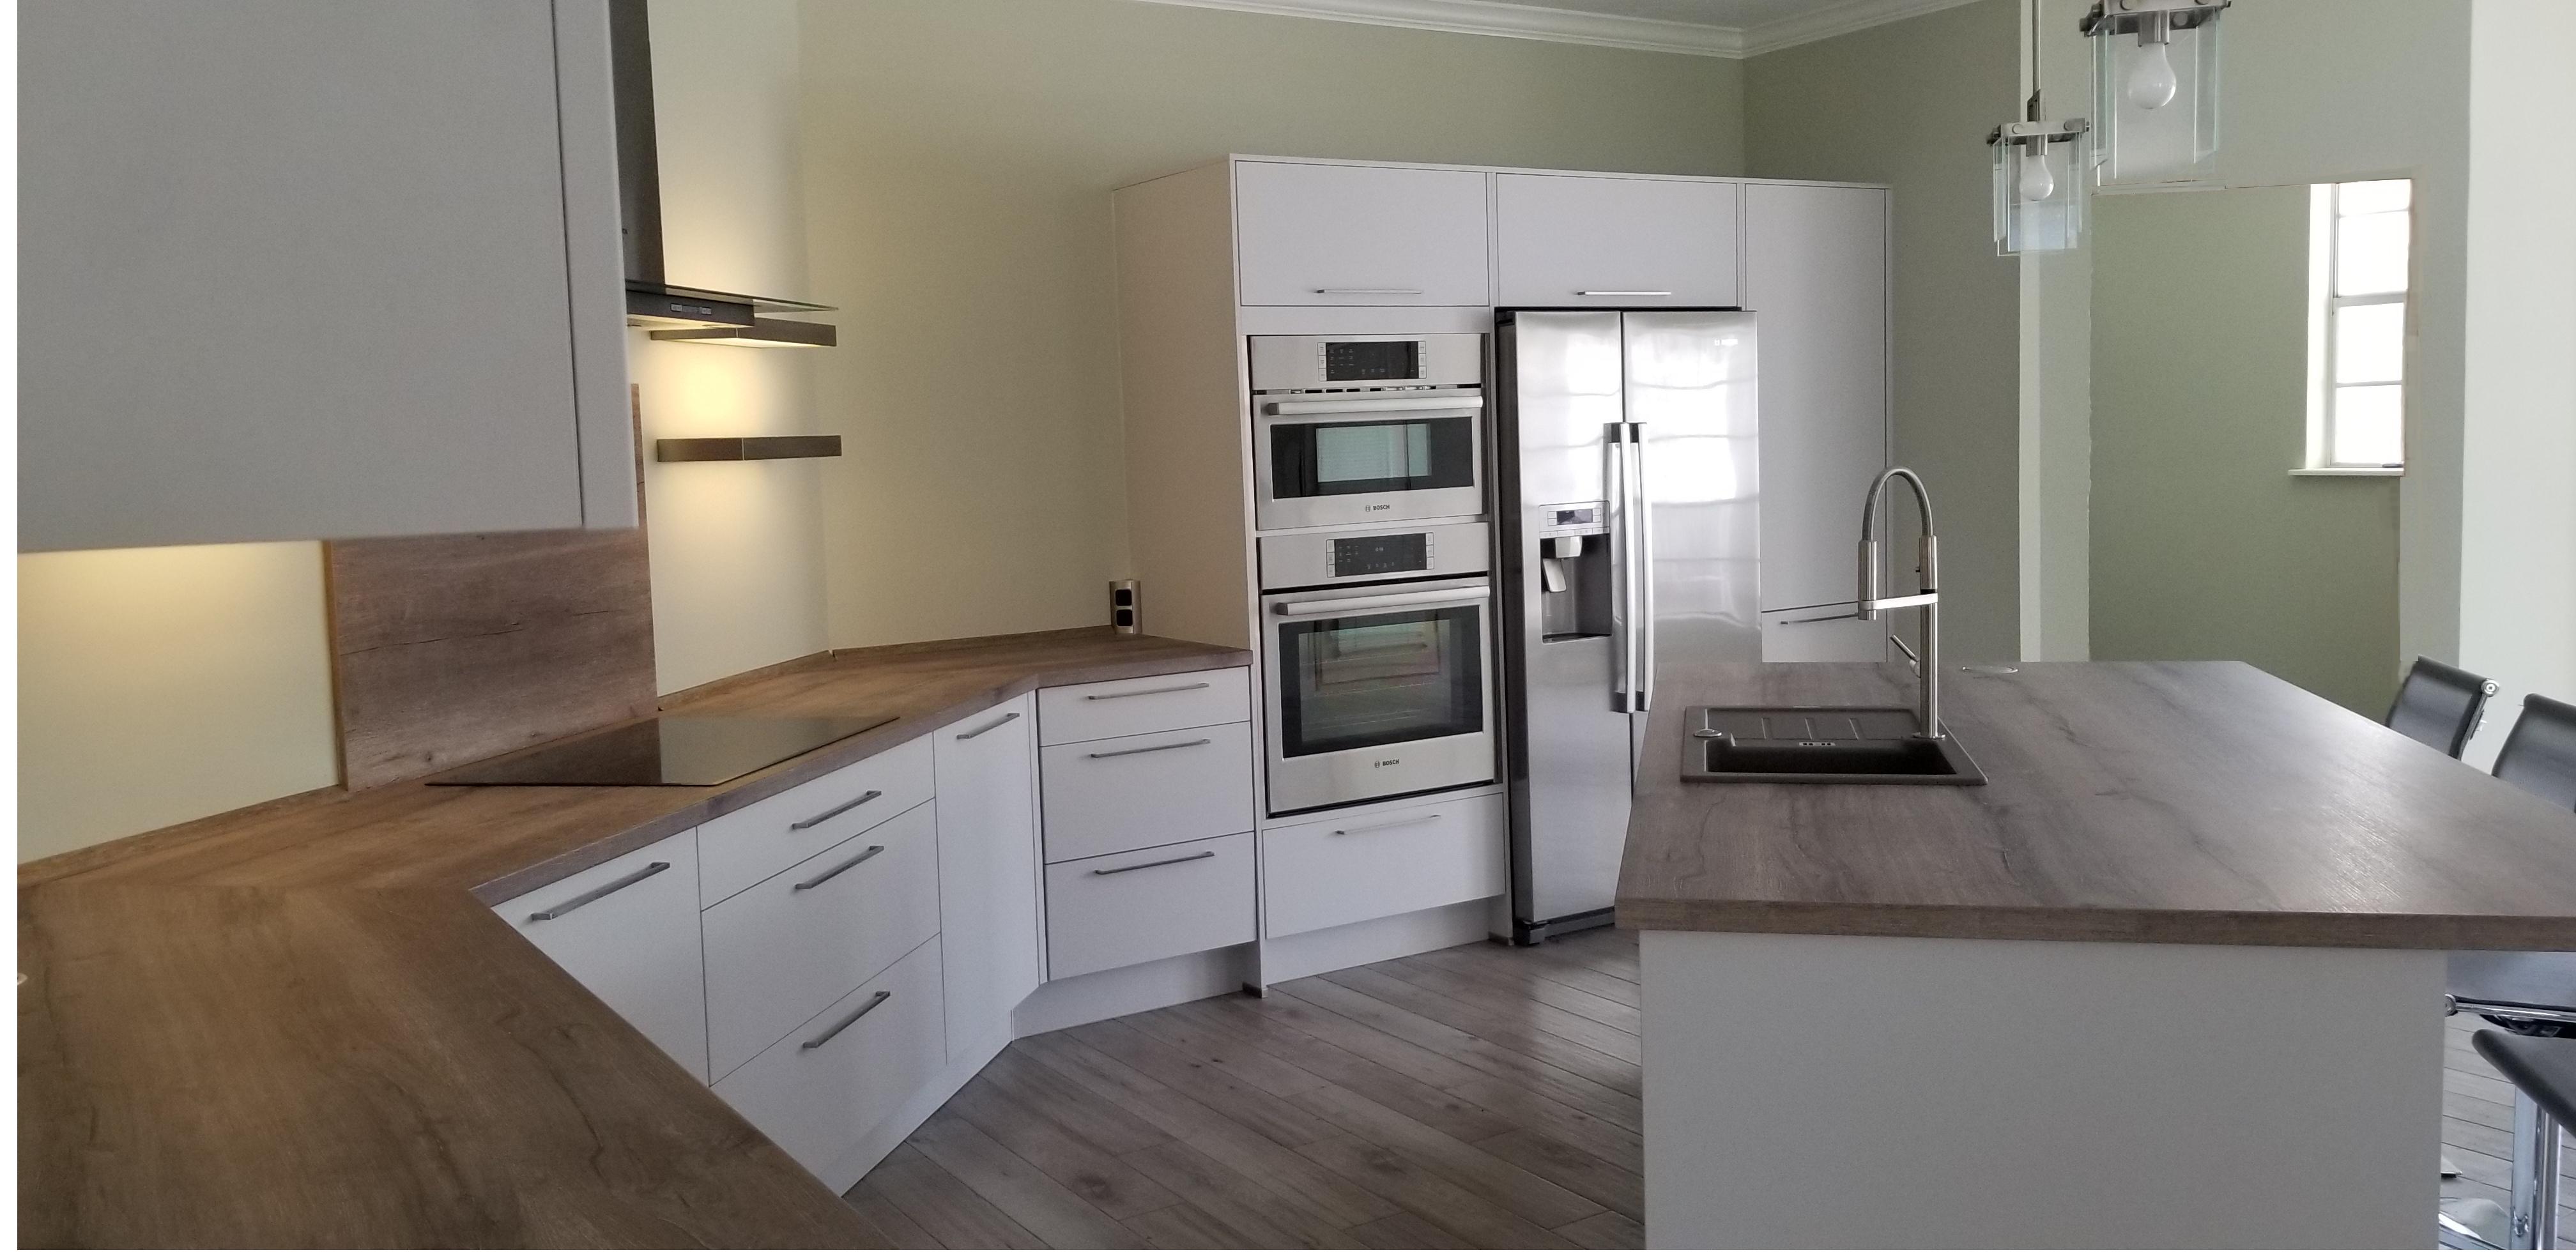 German kitchen cabinets / modern